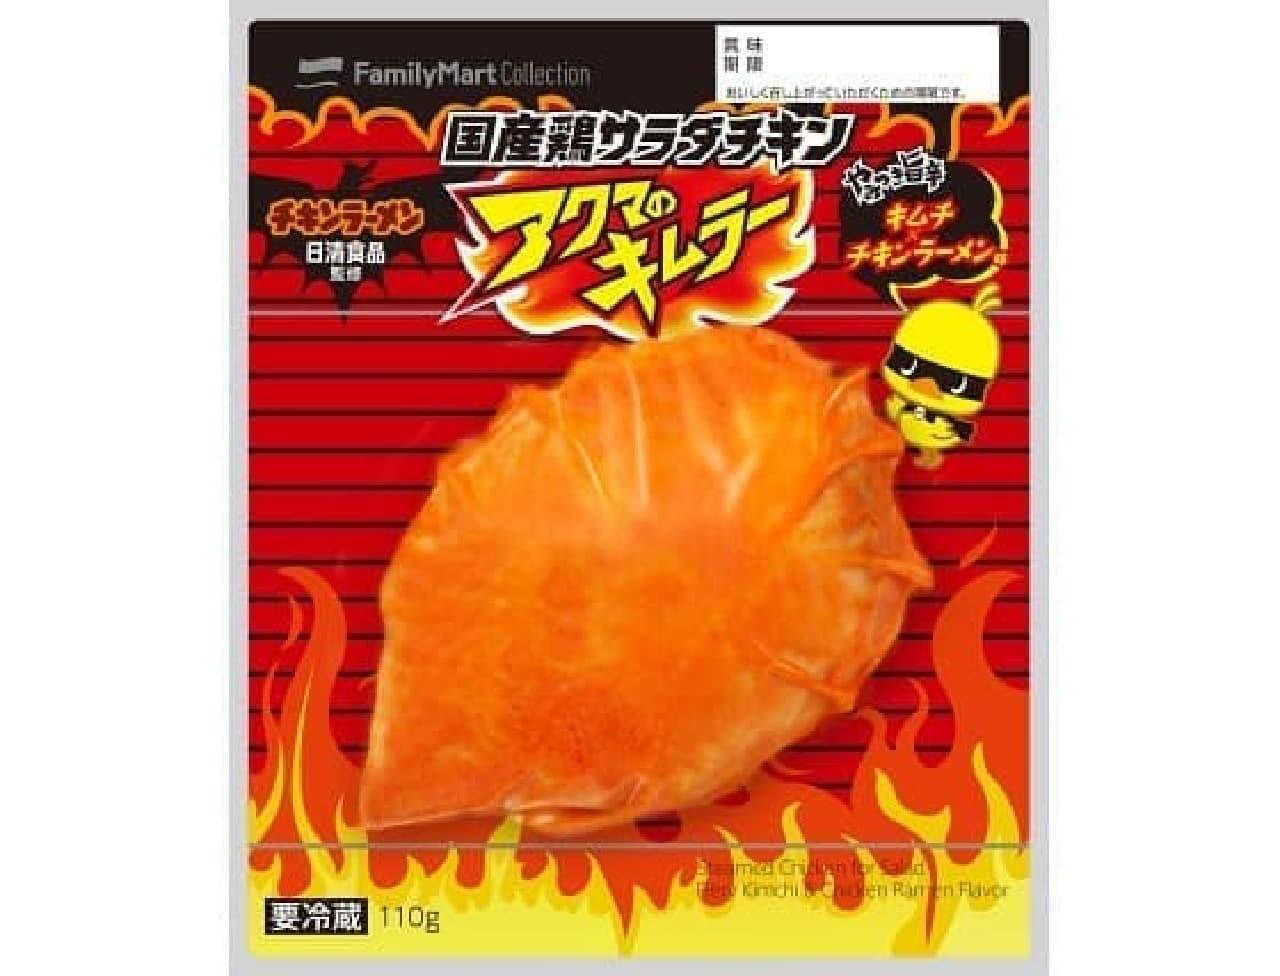 チキンラーメンとコラボした「ファミリーマートコレクション 国産鶏サラダチキン アクマのキムラー」